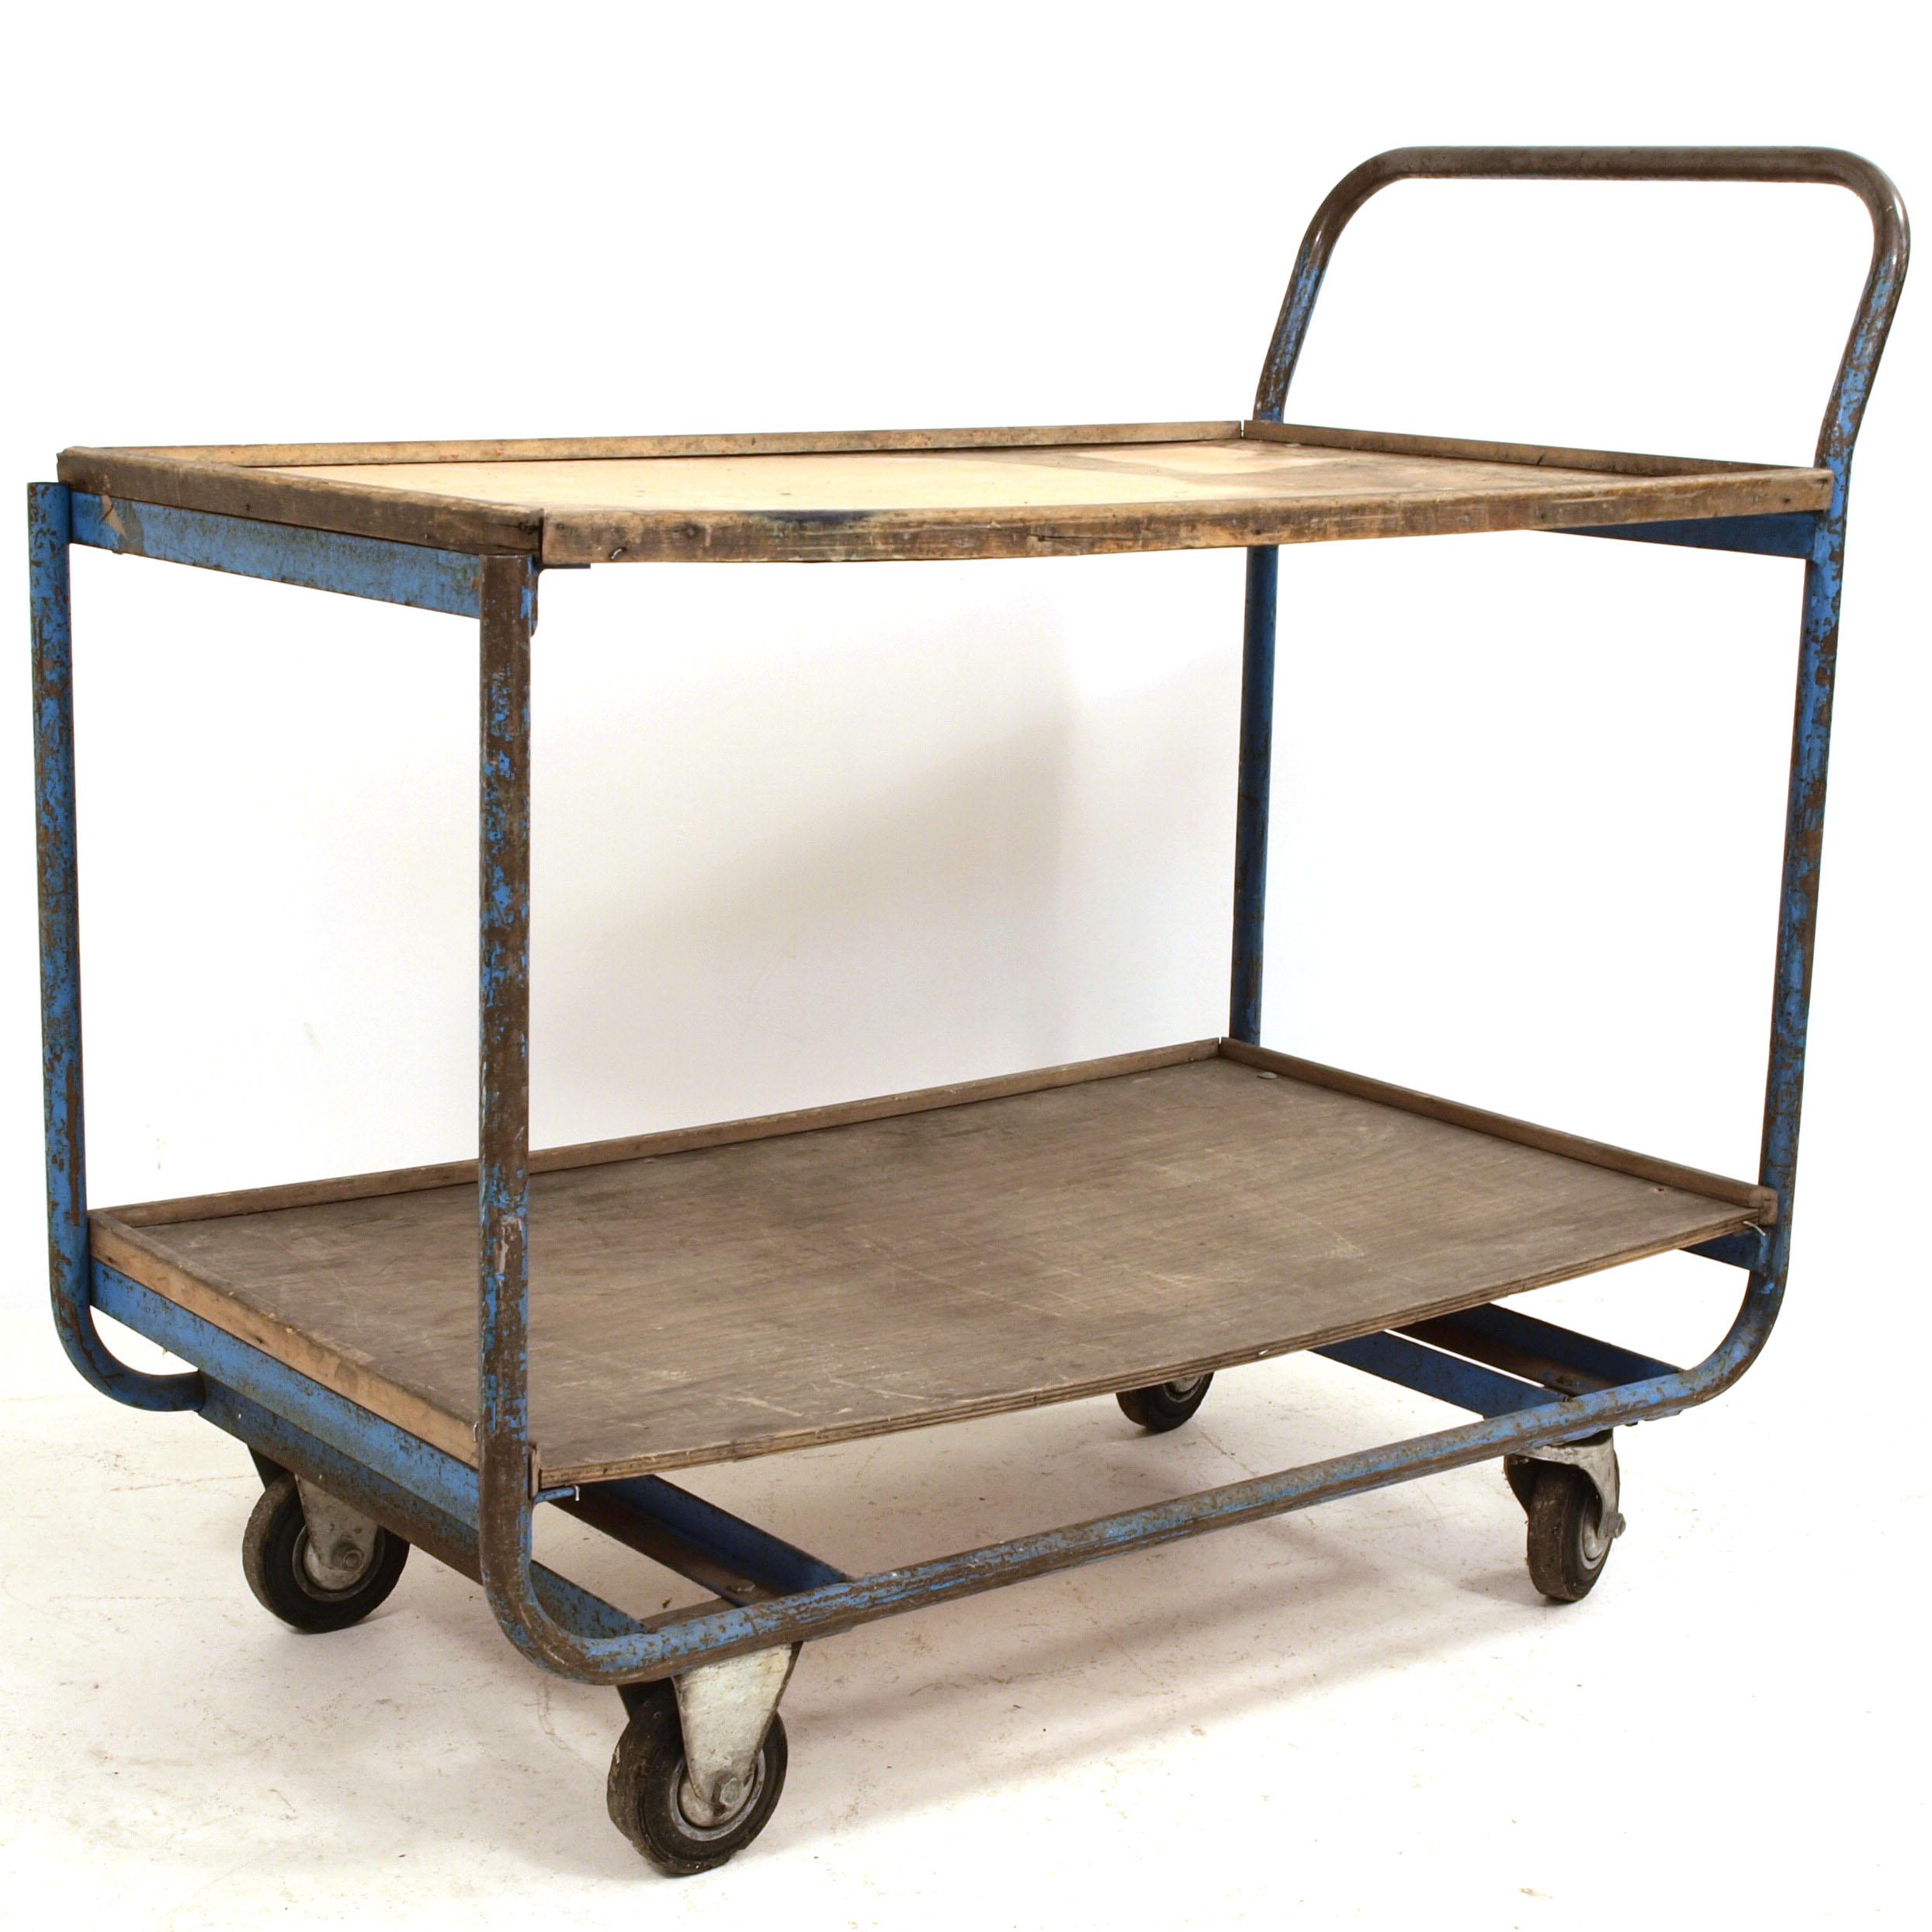 industrie wagen m bel z rich vintagem bel. Black Bedroom Furniture Sets. Home Design Ideas